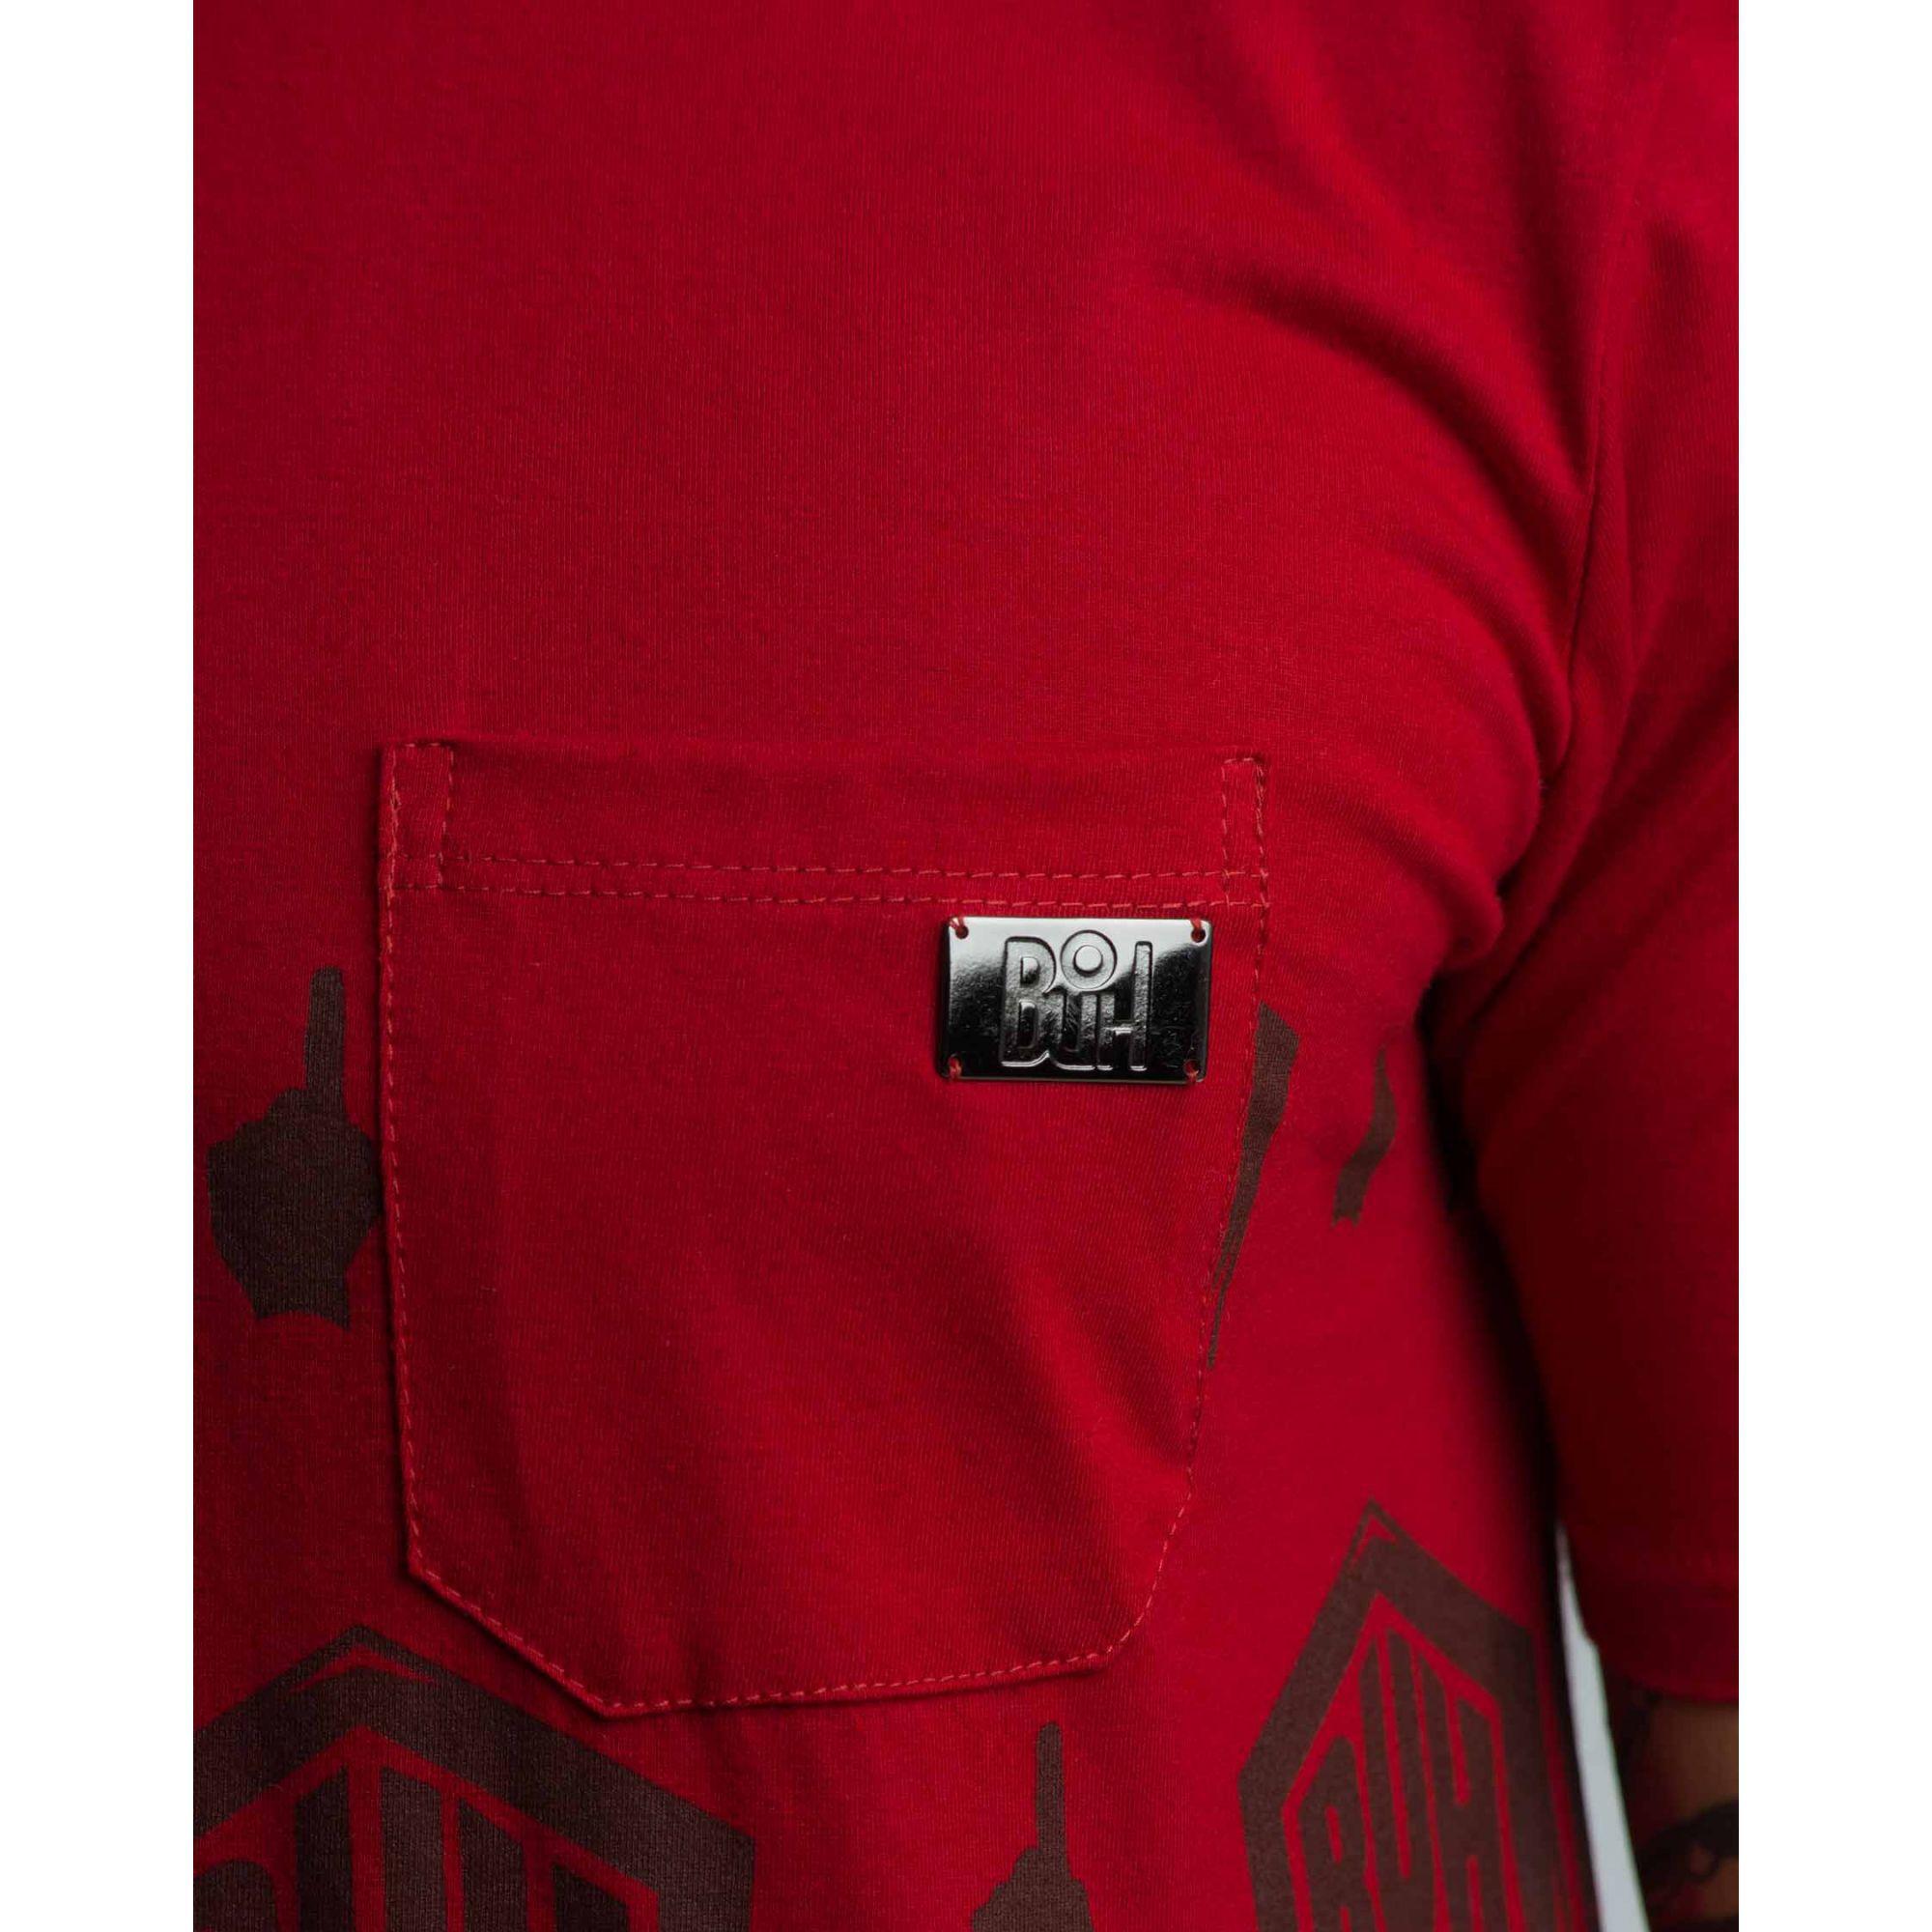 Camiseta Buh Pocket Plate Red